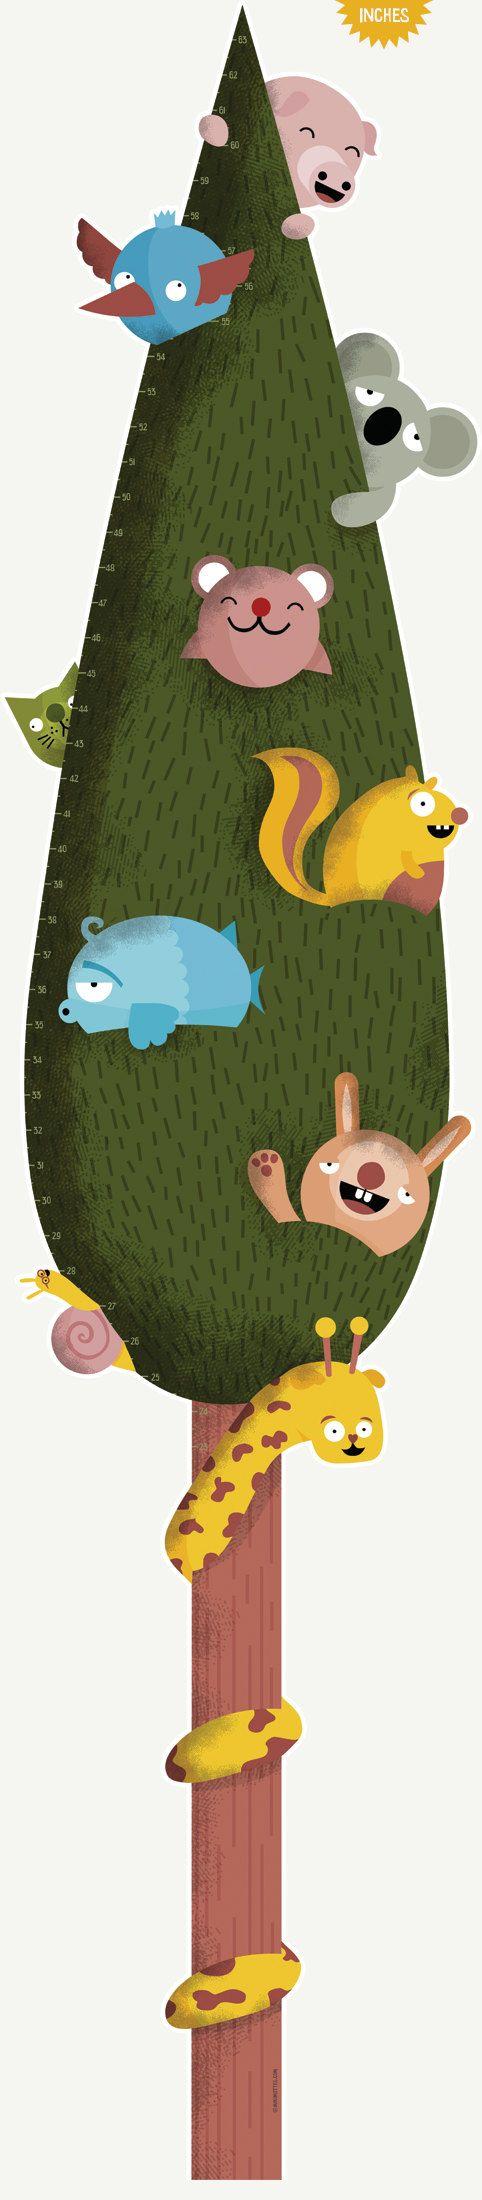 51 best animal adventure wall stickers images on pinterest wall crecimiento tabla pulgadas mejores amigos arbol altura cuadro etiqueta de la pared etiqueta